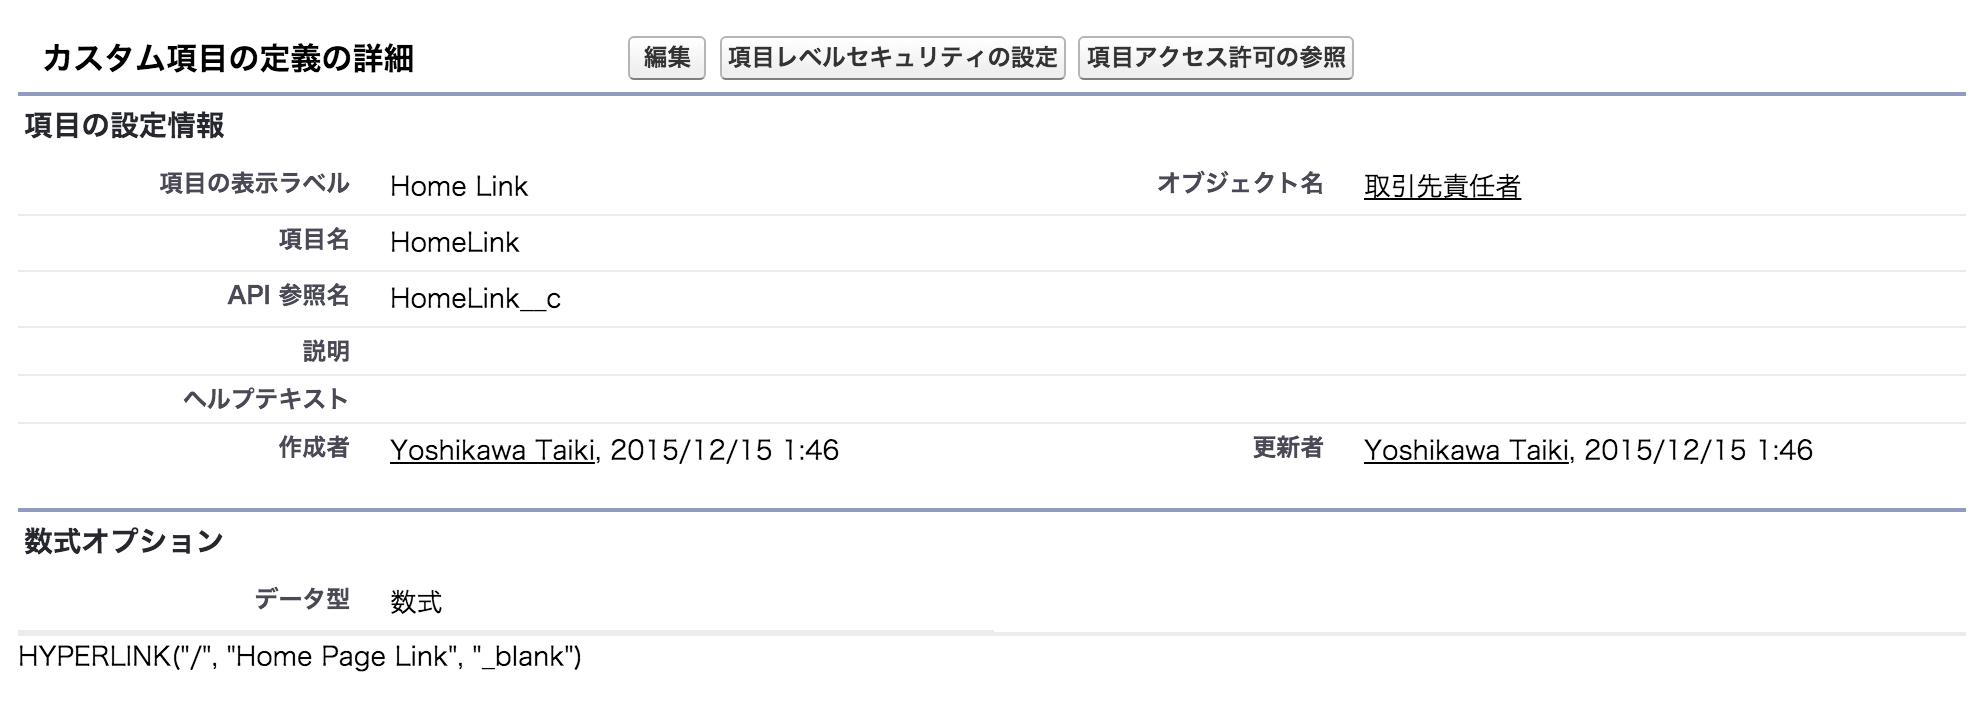 スクリーンショット 2015-12-15 1.46.37.png